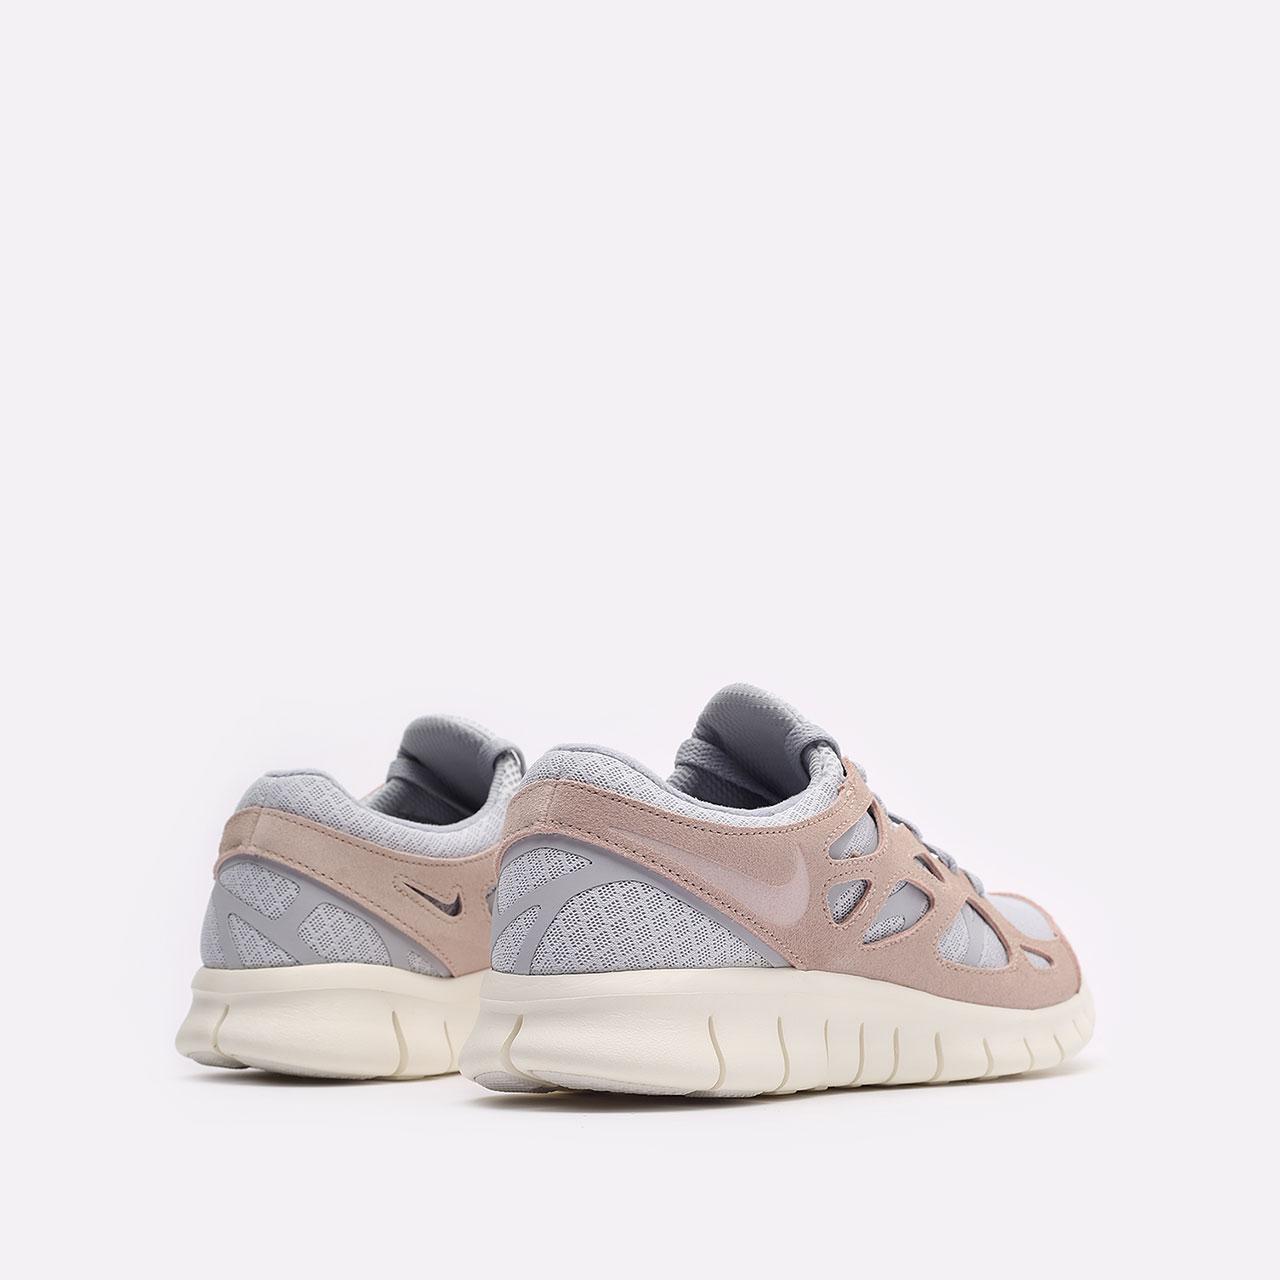 мужские бежевые  кроссовки nike free run 2 537732-013 - цена, описание, фото 3